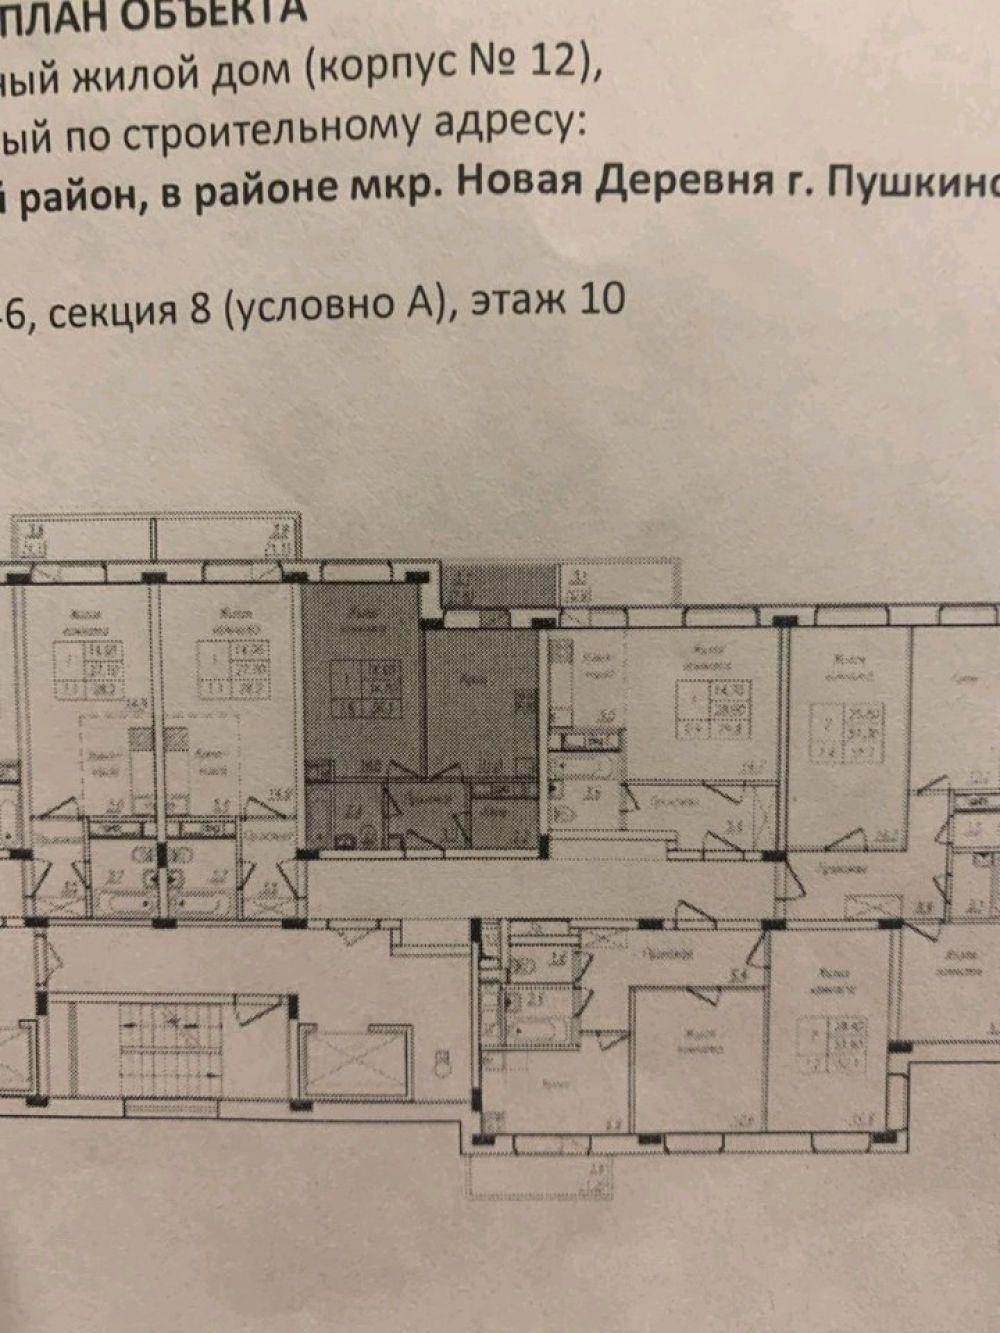 1-комнатная квартира г. Пушкино ЖК Новое Пушкино ул. Просвещения д.8к1, фото 4